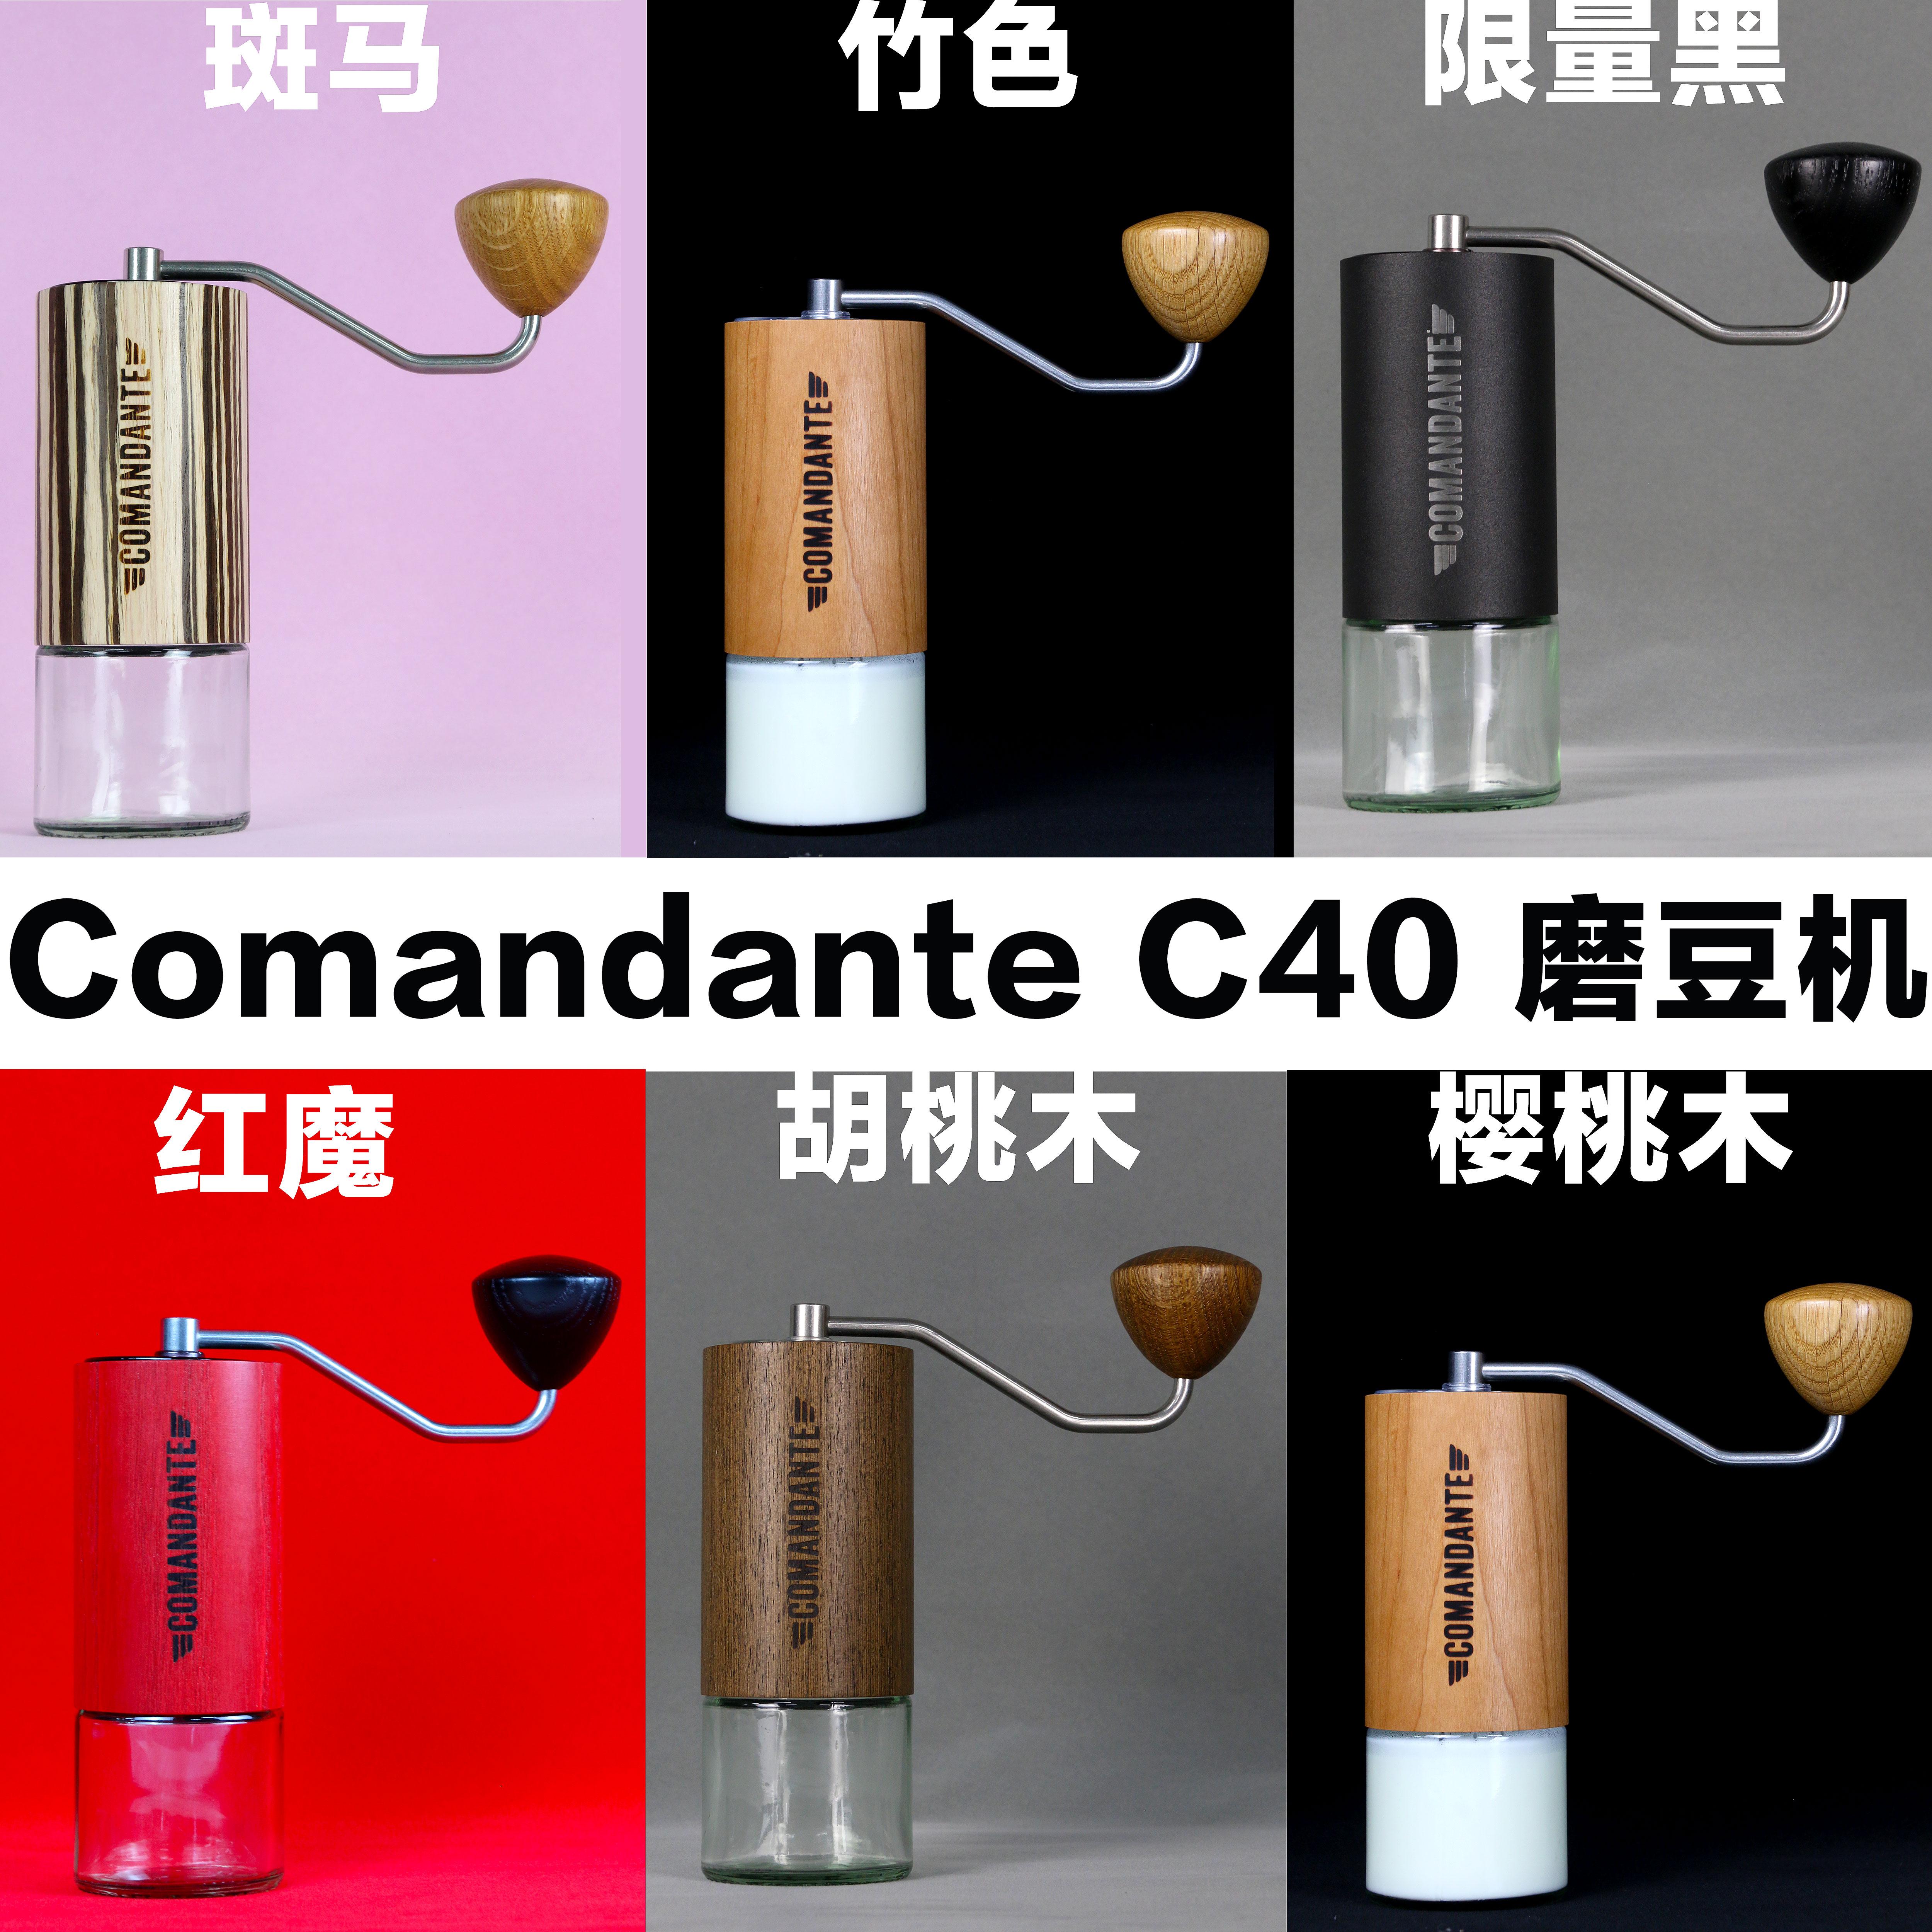 德国司令官磨豆机 Comandante C40 MK3 高氮钢磨芯手摇咖啡磨豆机